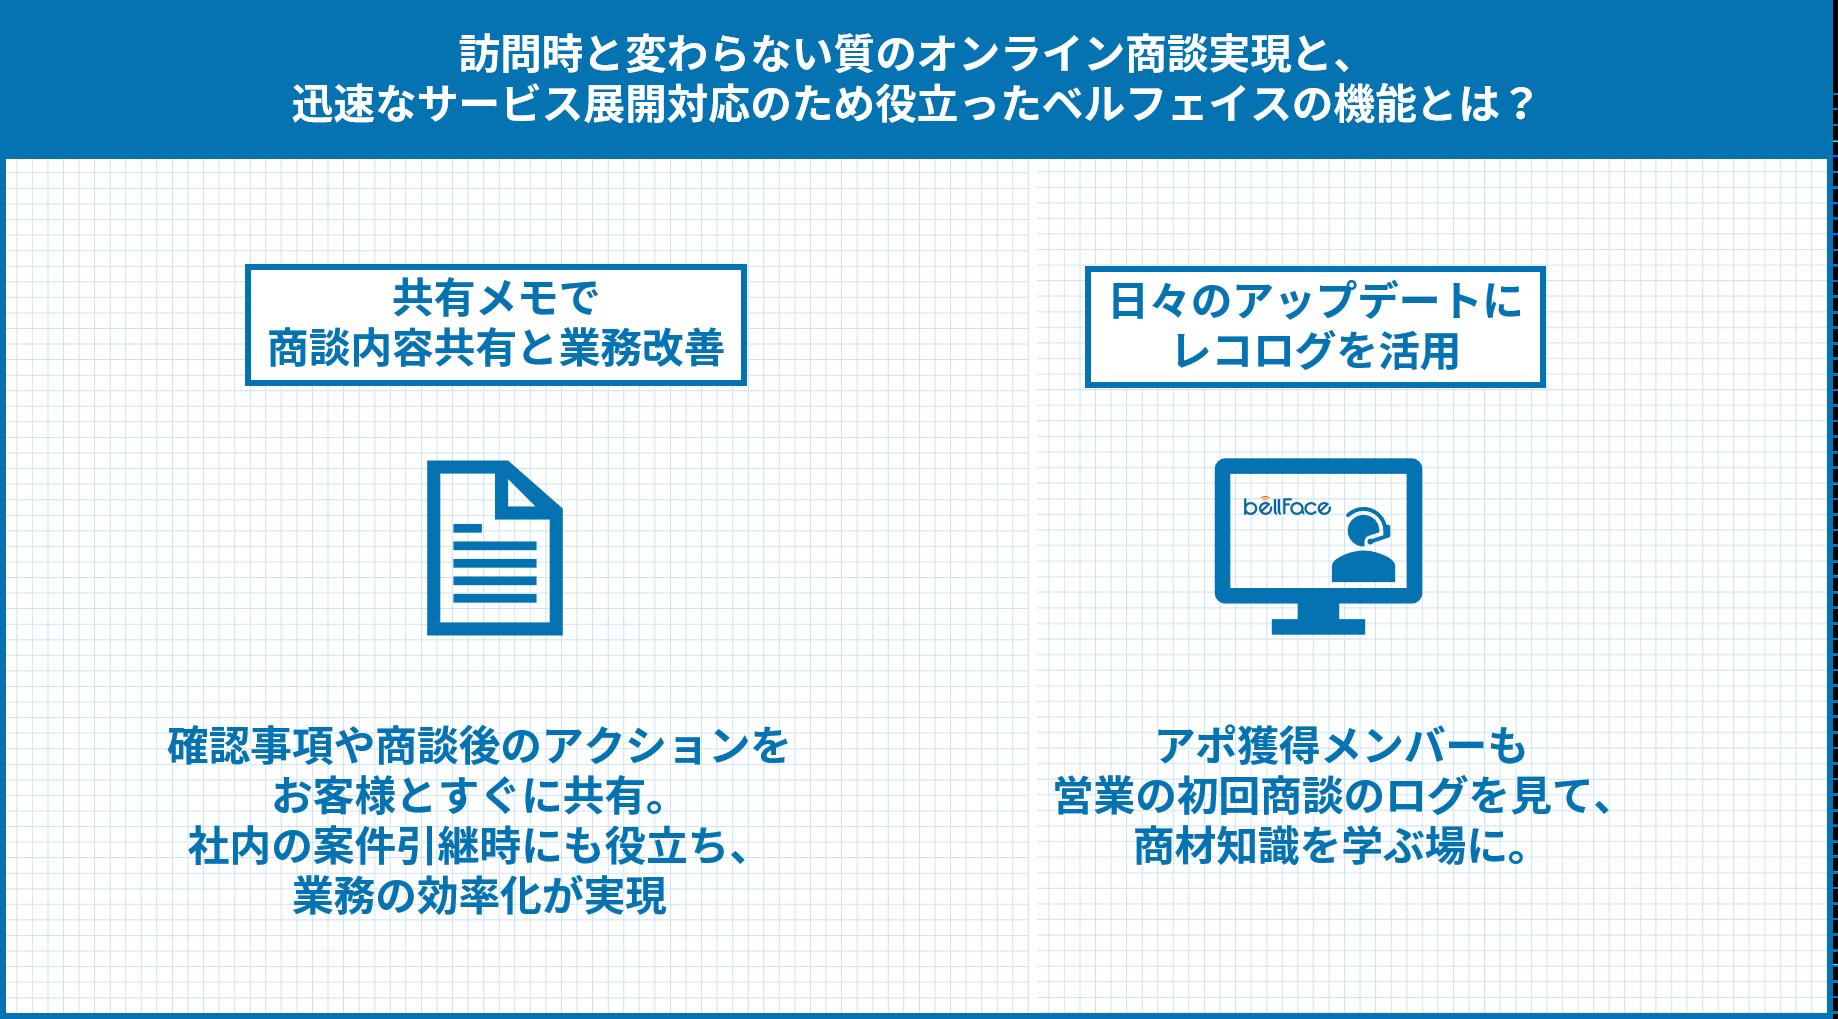 オンラインでも対面と同じような印象を残すポイントとは?迅速なサービス展開に対応するためレコログを活用!